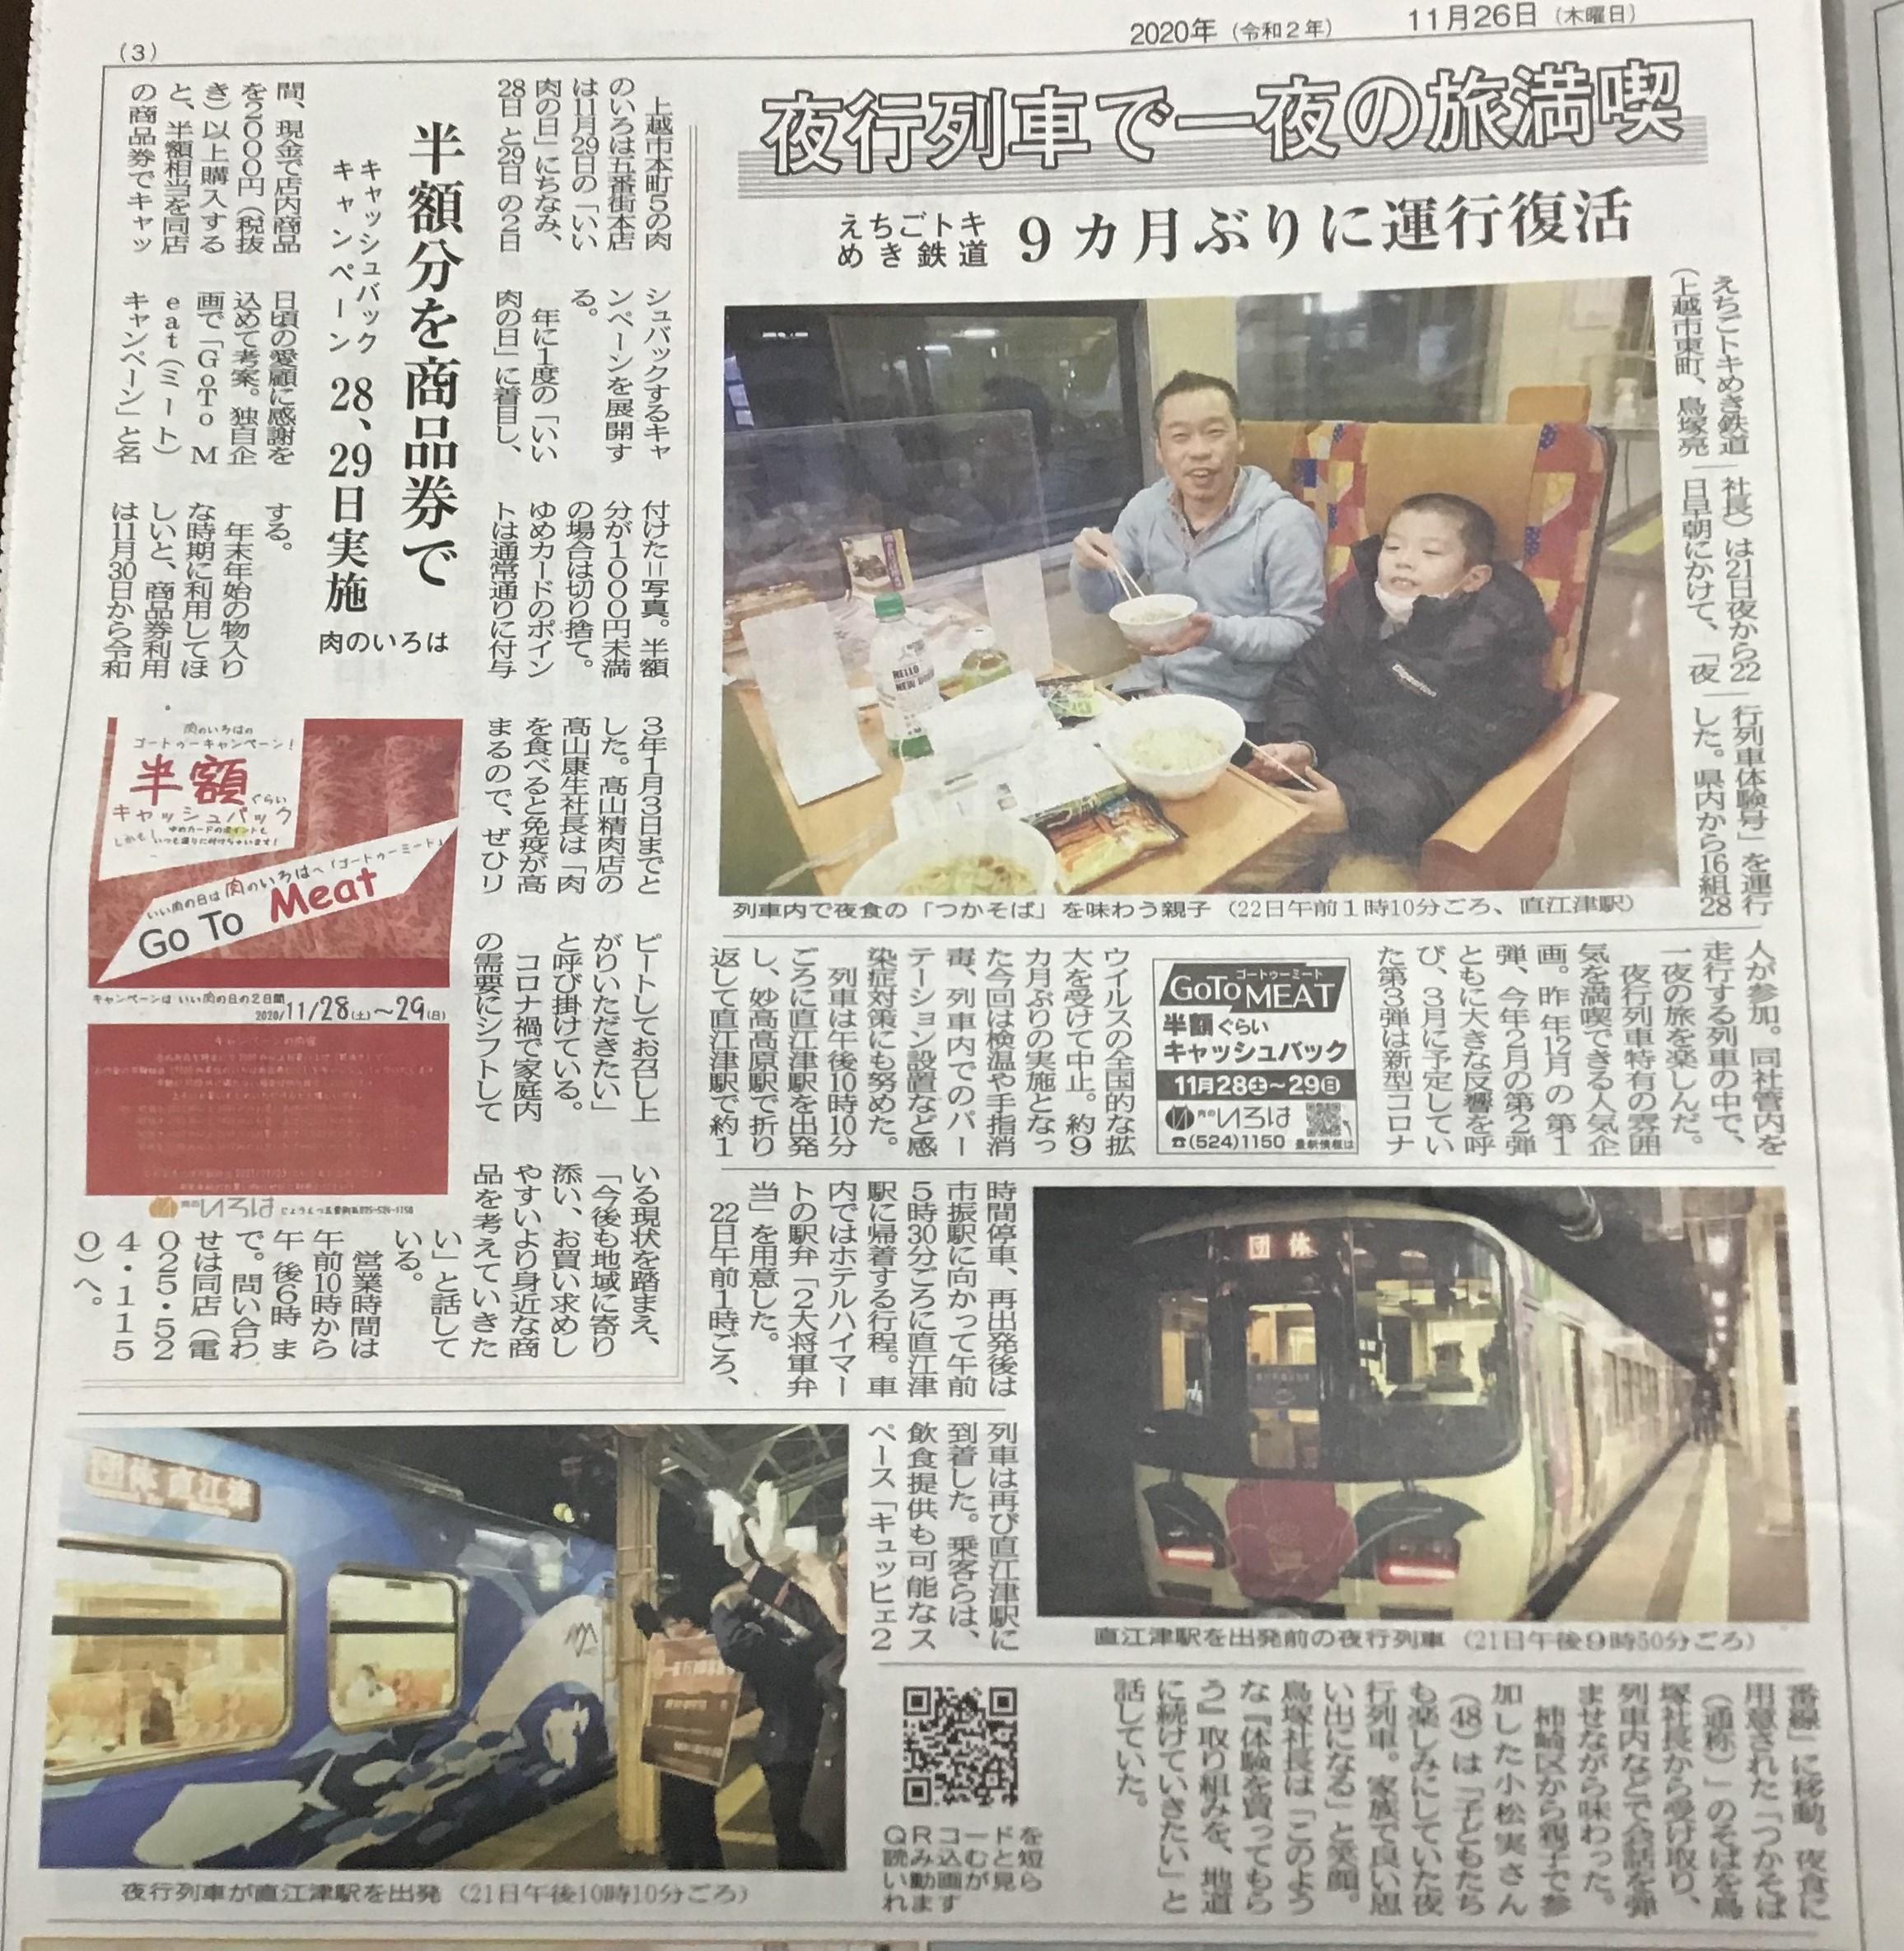 夜行列車報告 by 上越タイムス紙